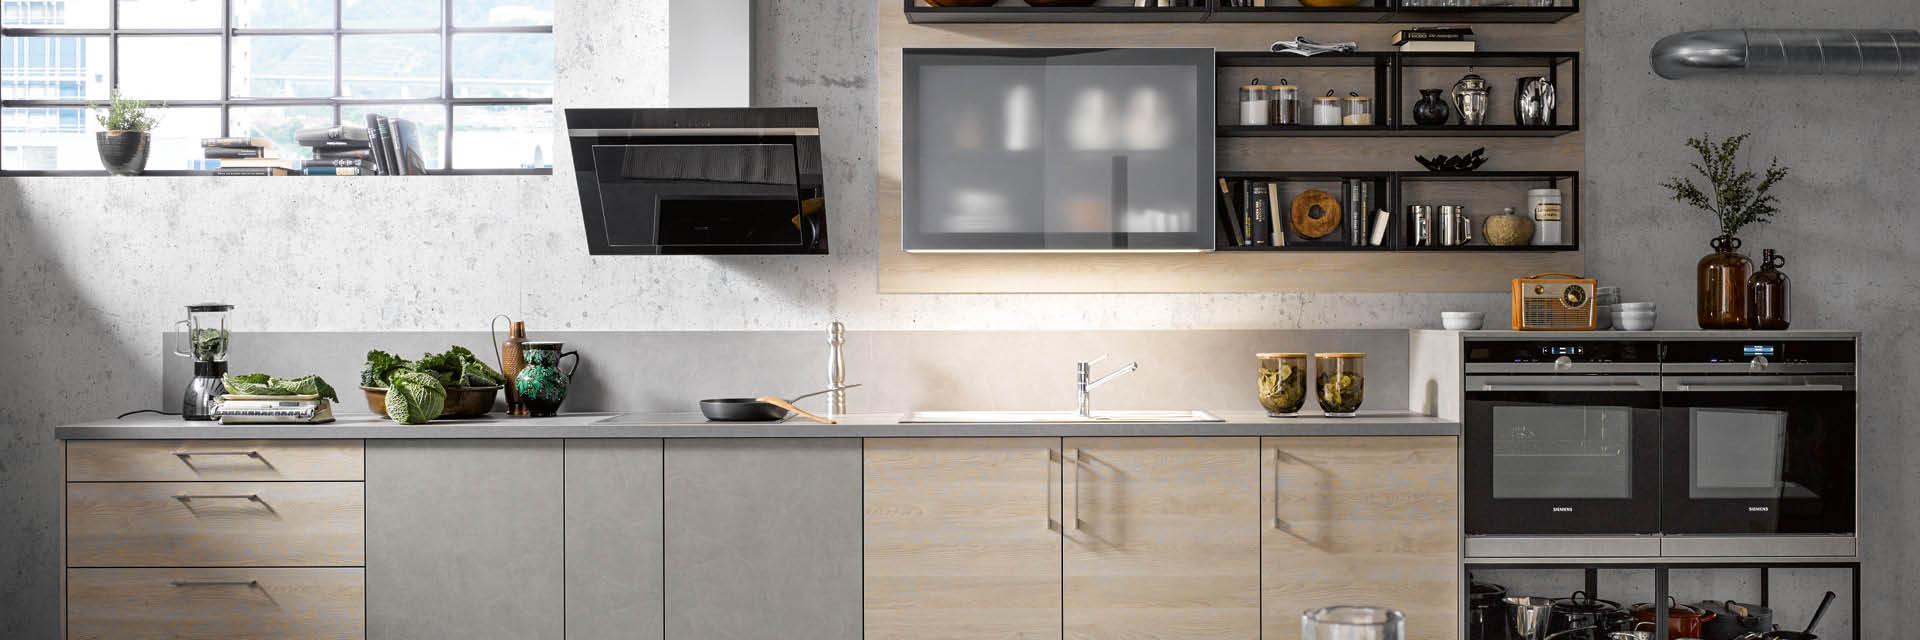 Ganz pur, ganz Loft - der neue Industrial-Stil der Küche